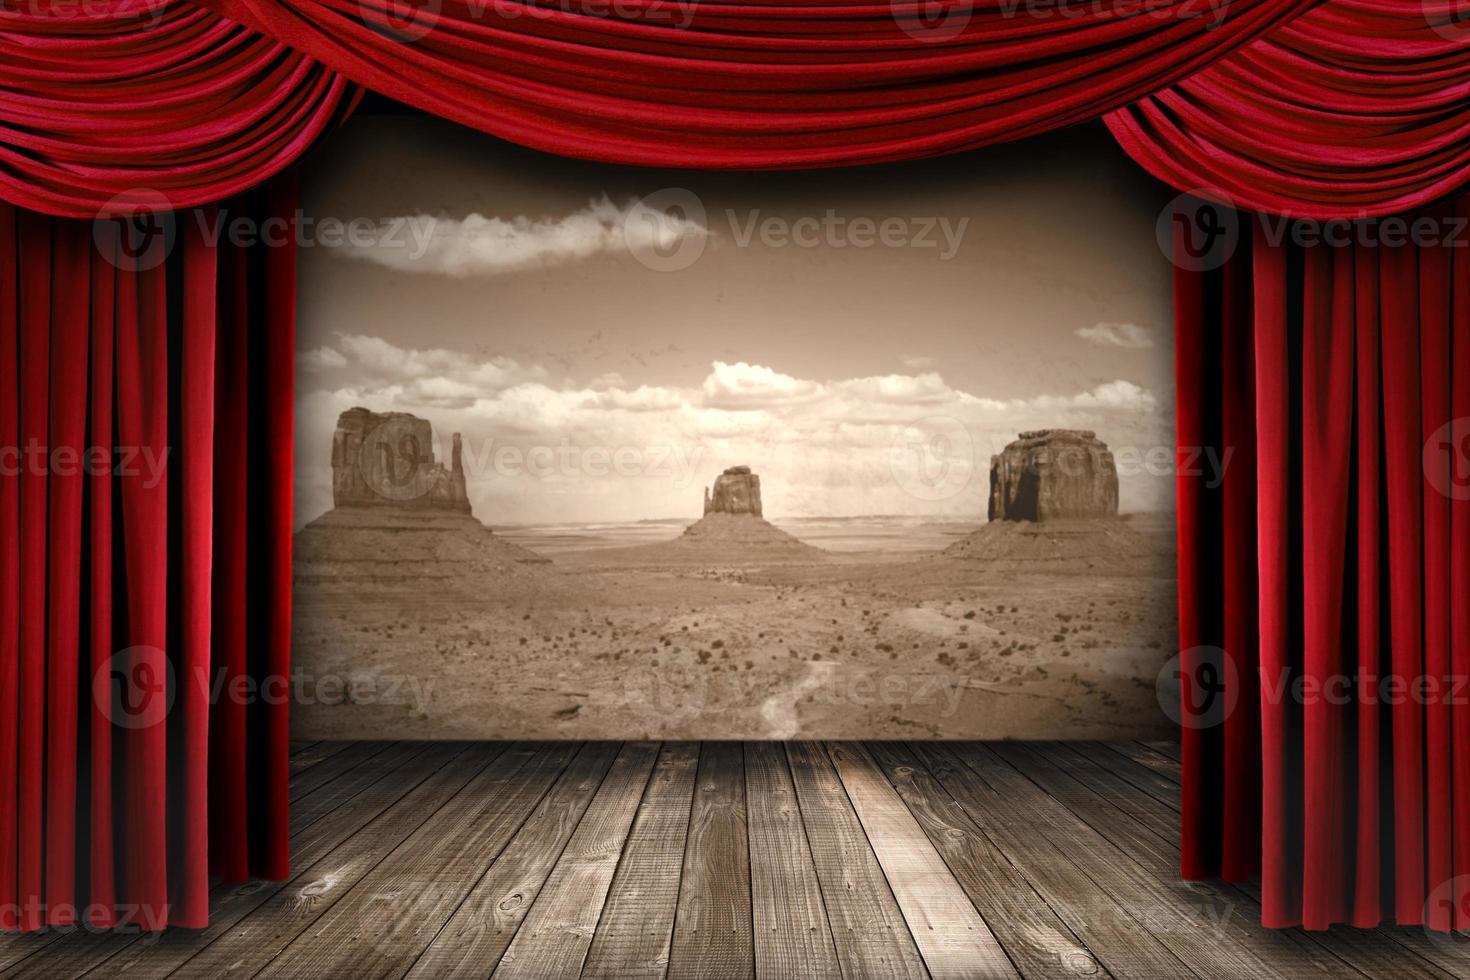 tende da teatro rosse con sfondo di montagne del deserto foto